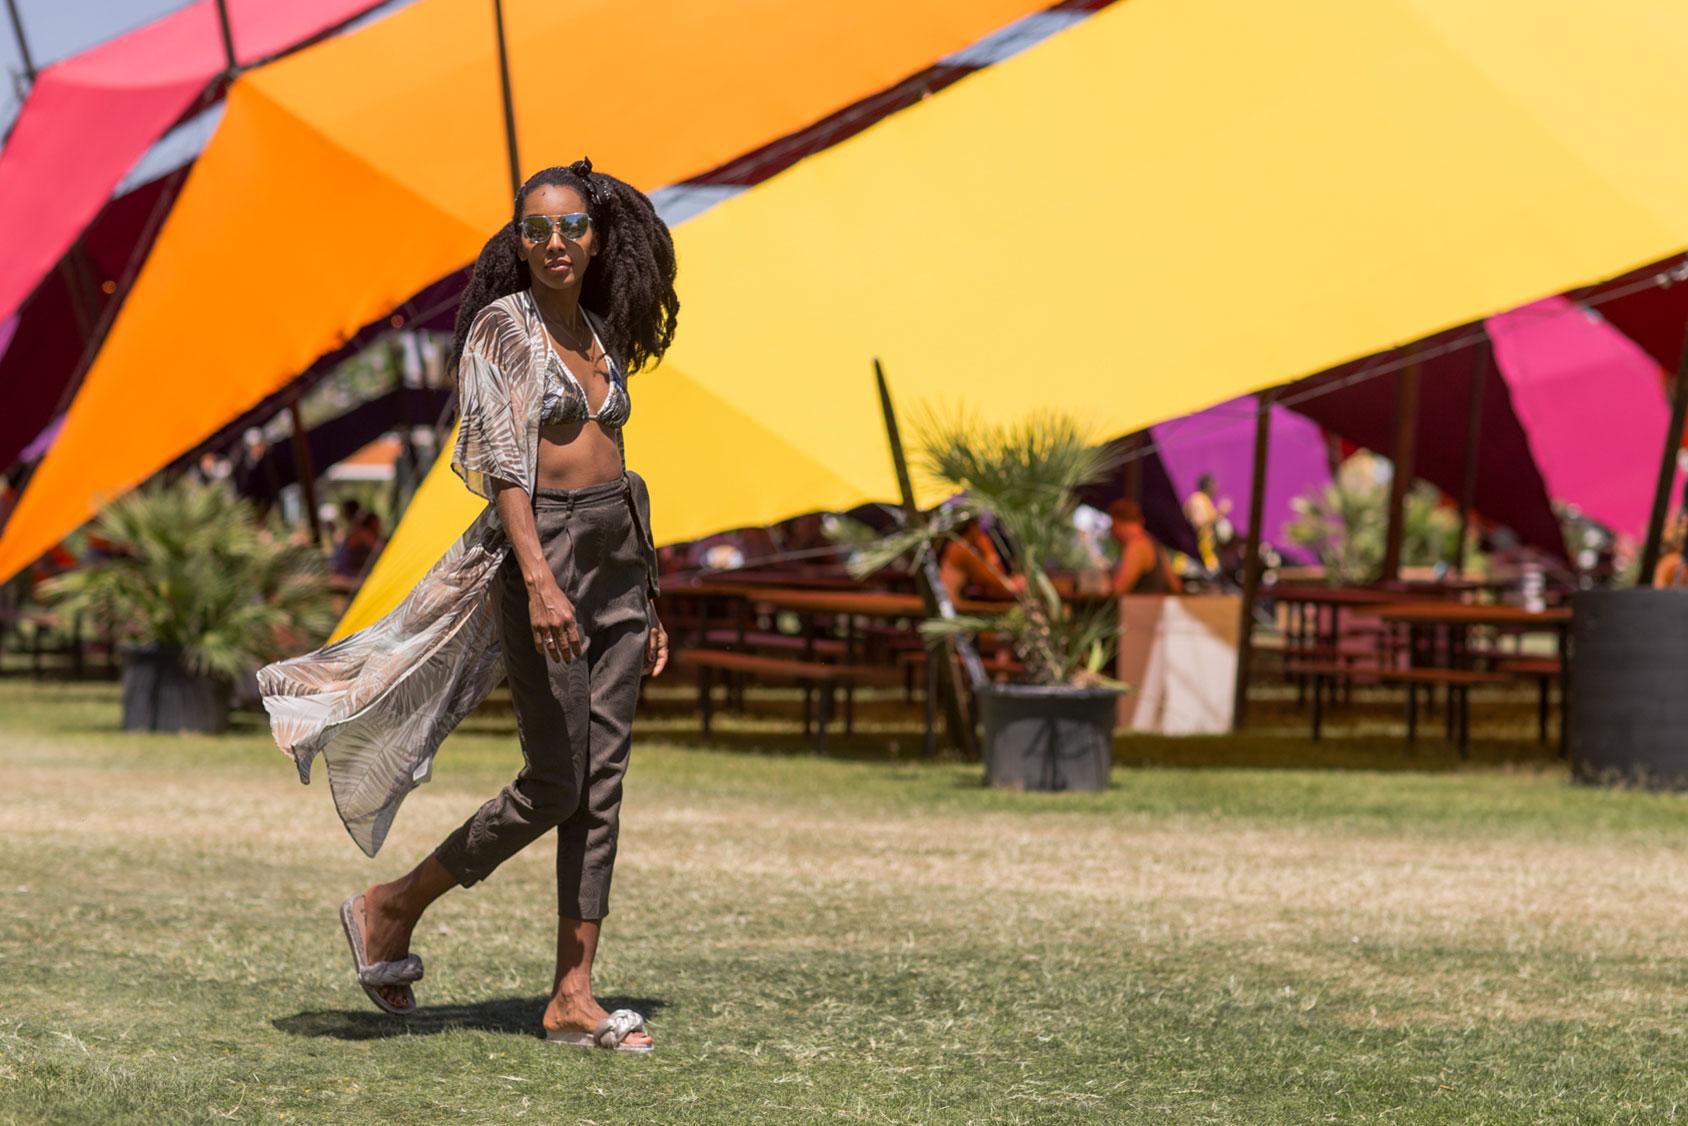 Cipriana Quann穿着一件H&M宽大女袍、比基尼上衣与军绿裤。